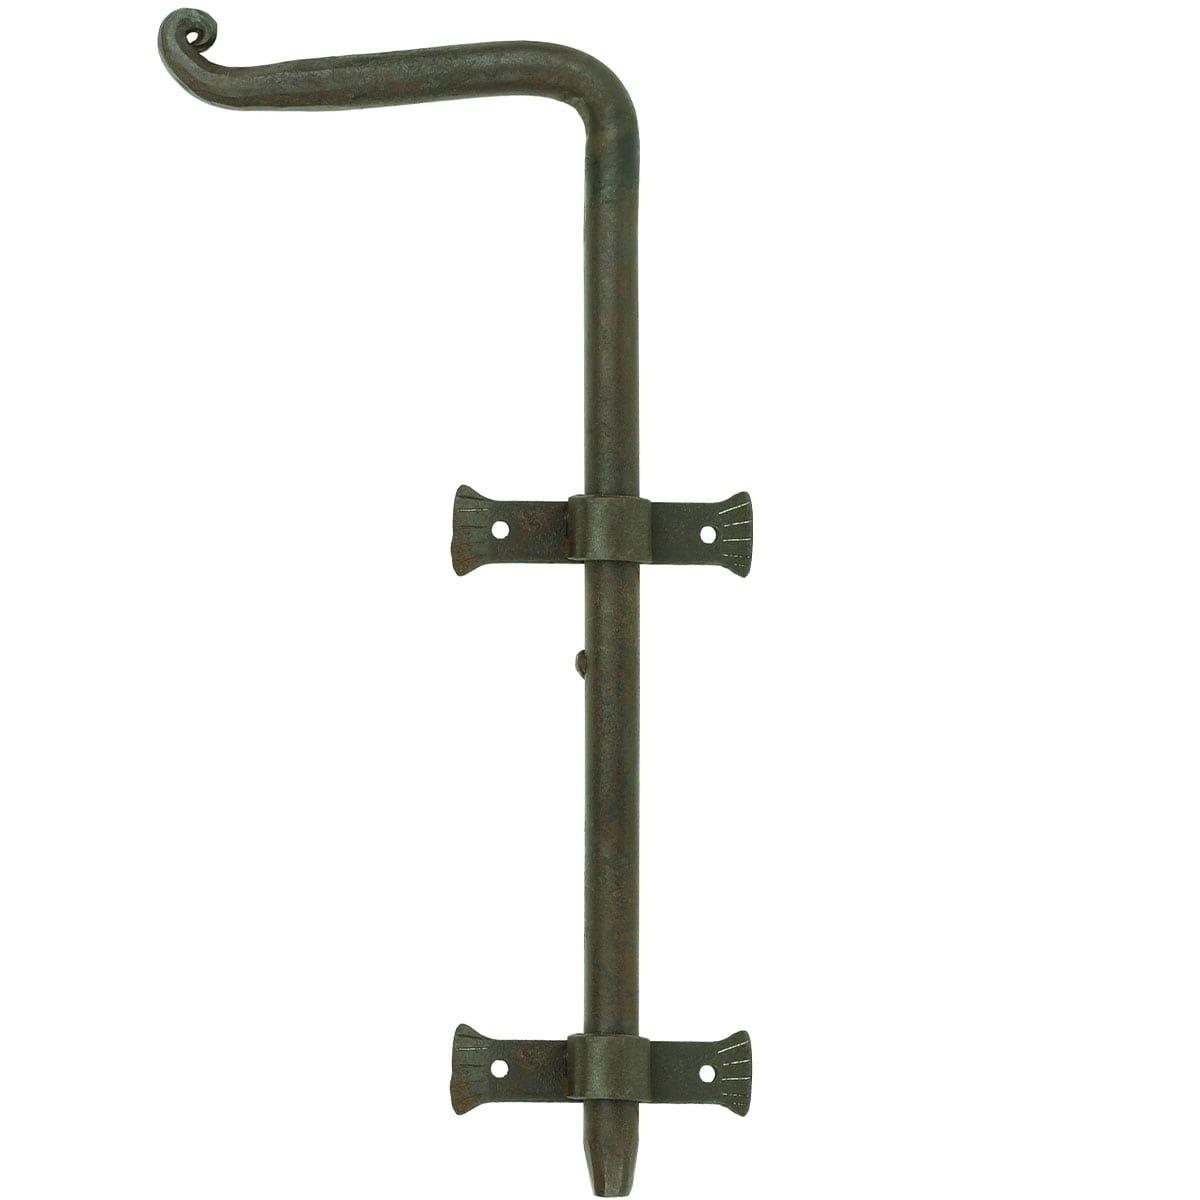 Türbeschläge Türschlösser Türriegel lange stift schmiedeeisen - 400 mm